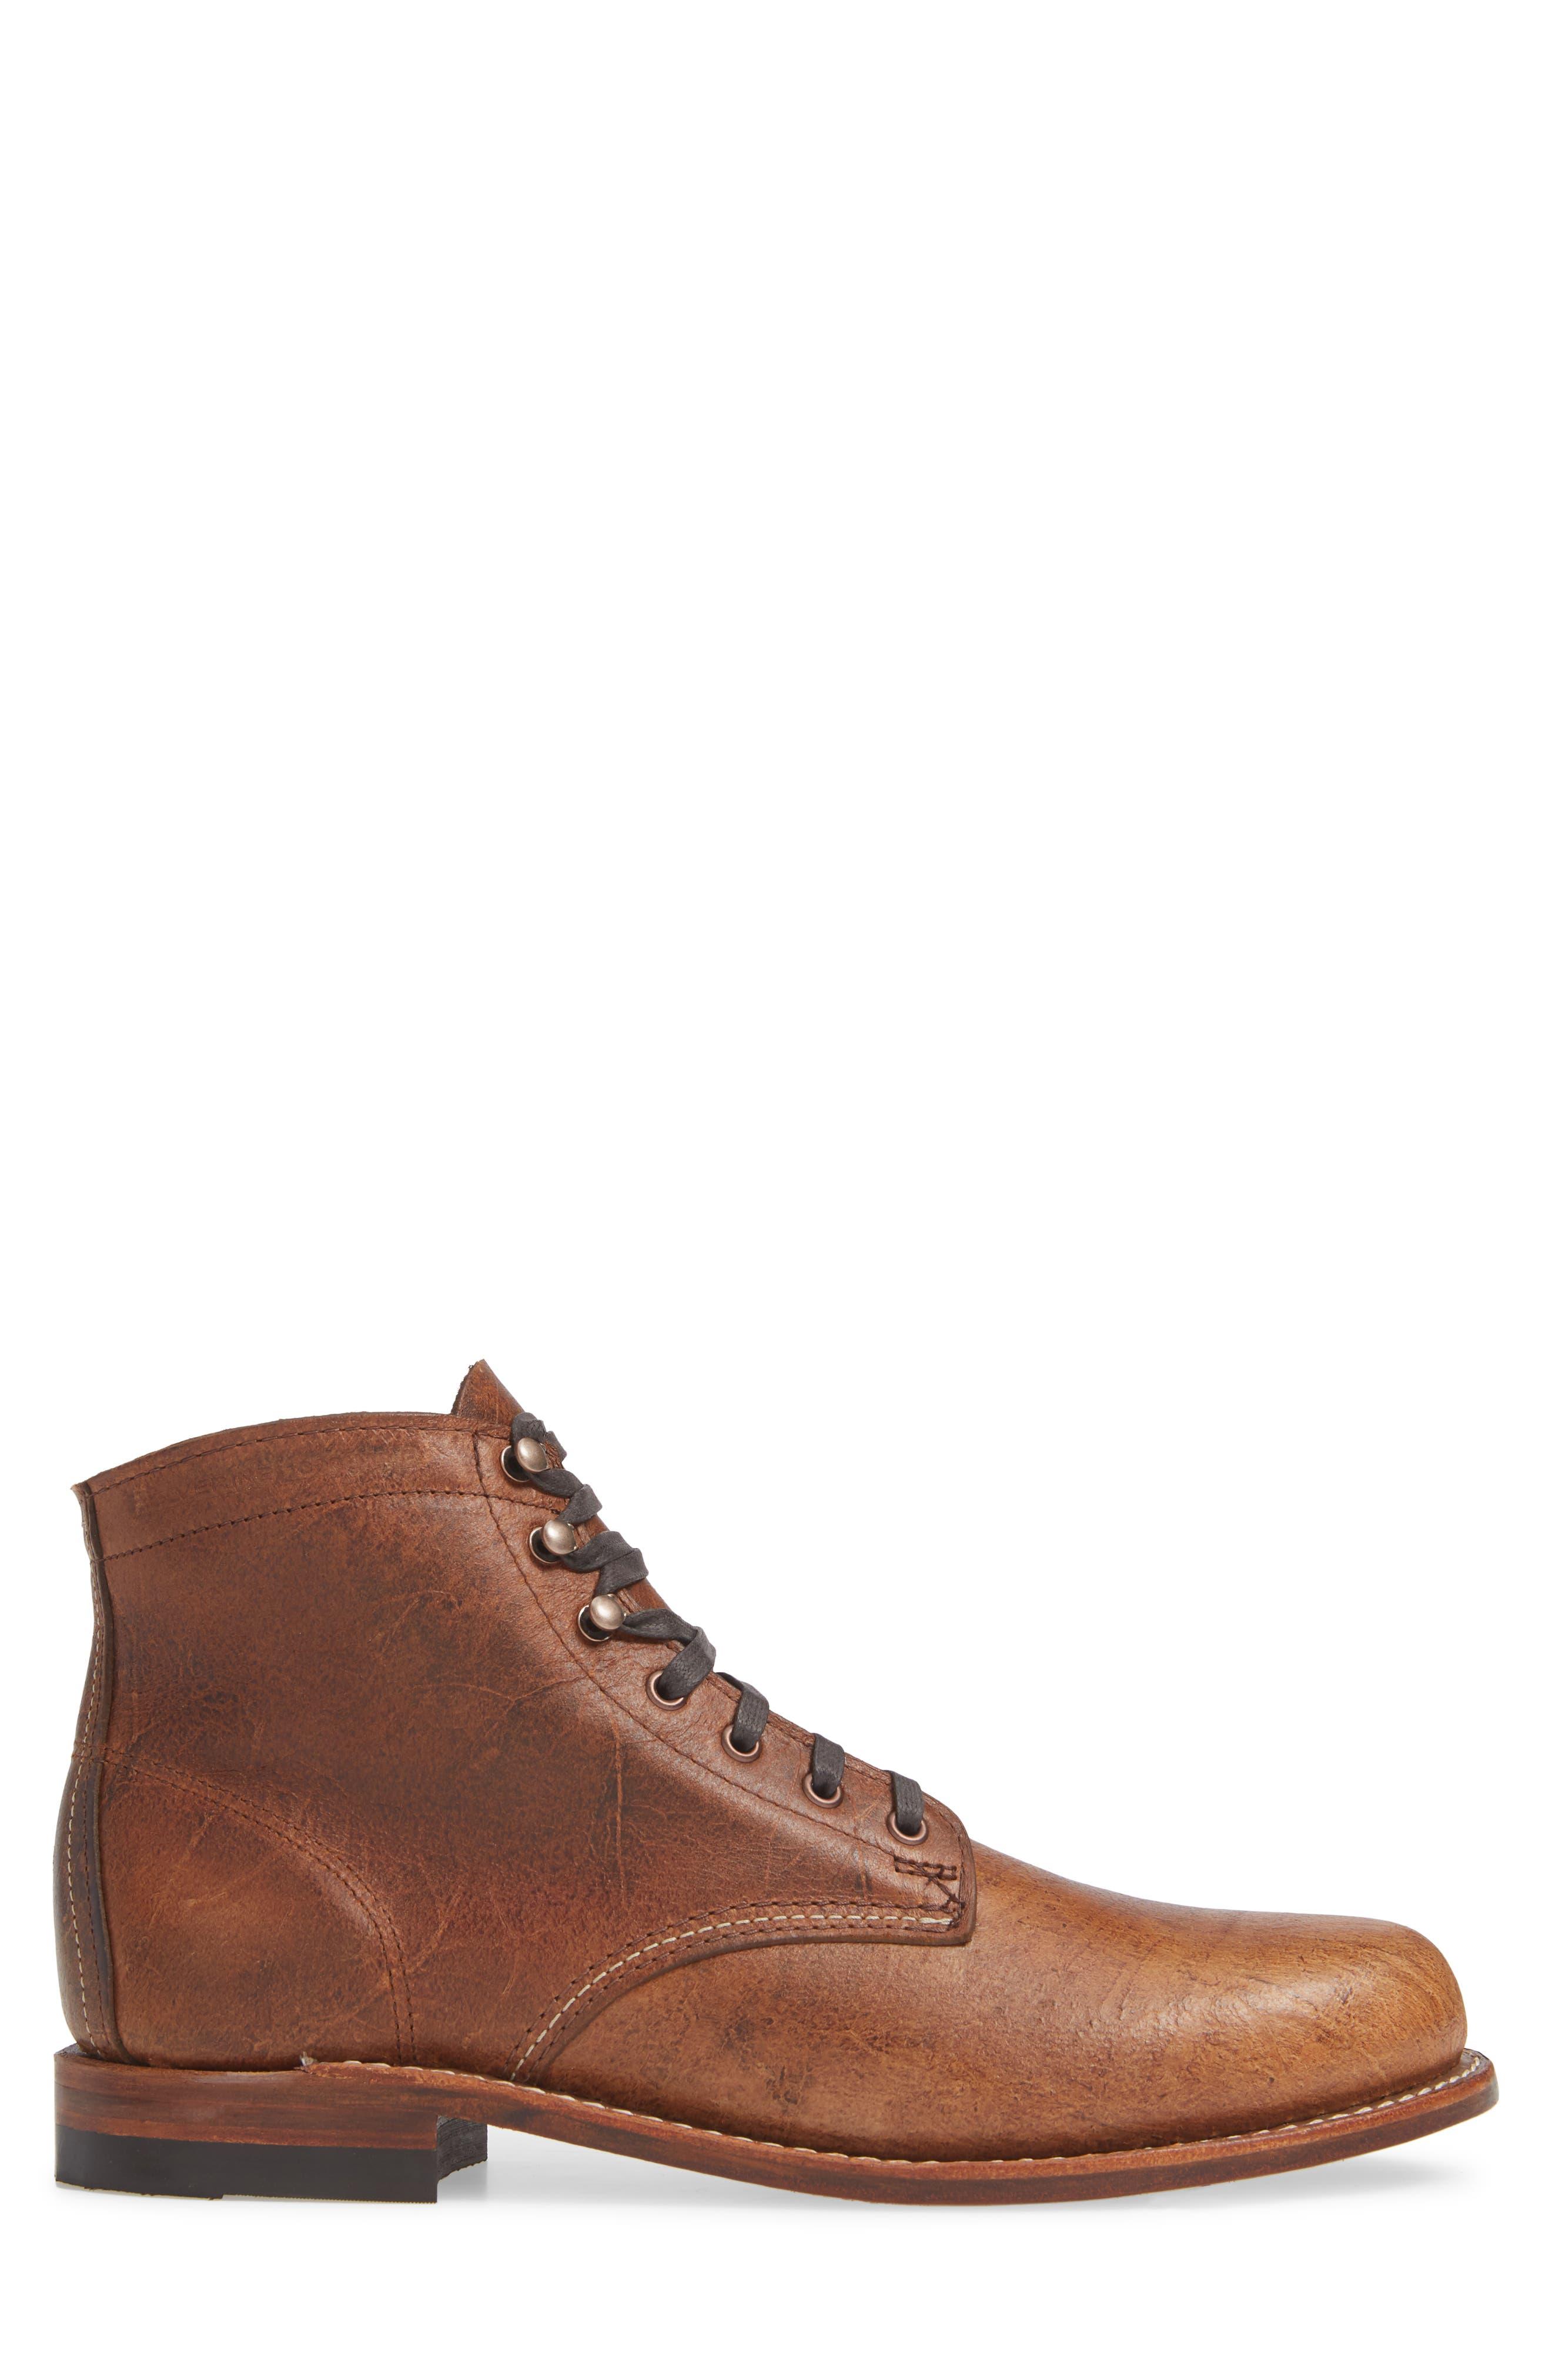 '1000 Mile' Plain Toe Boot,                             Alternate thumbnail 3, color,                             COGNAC